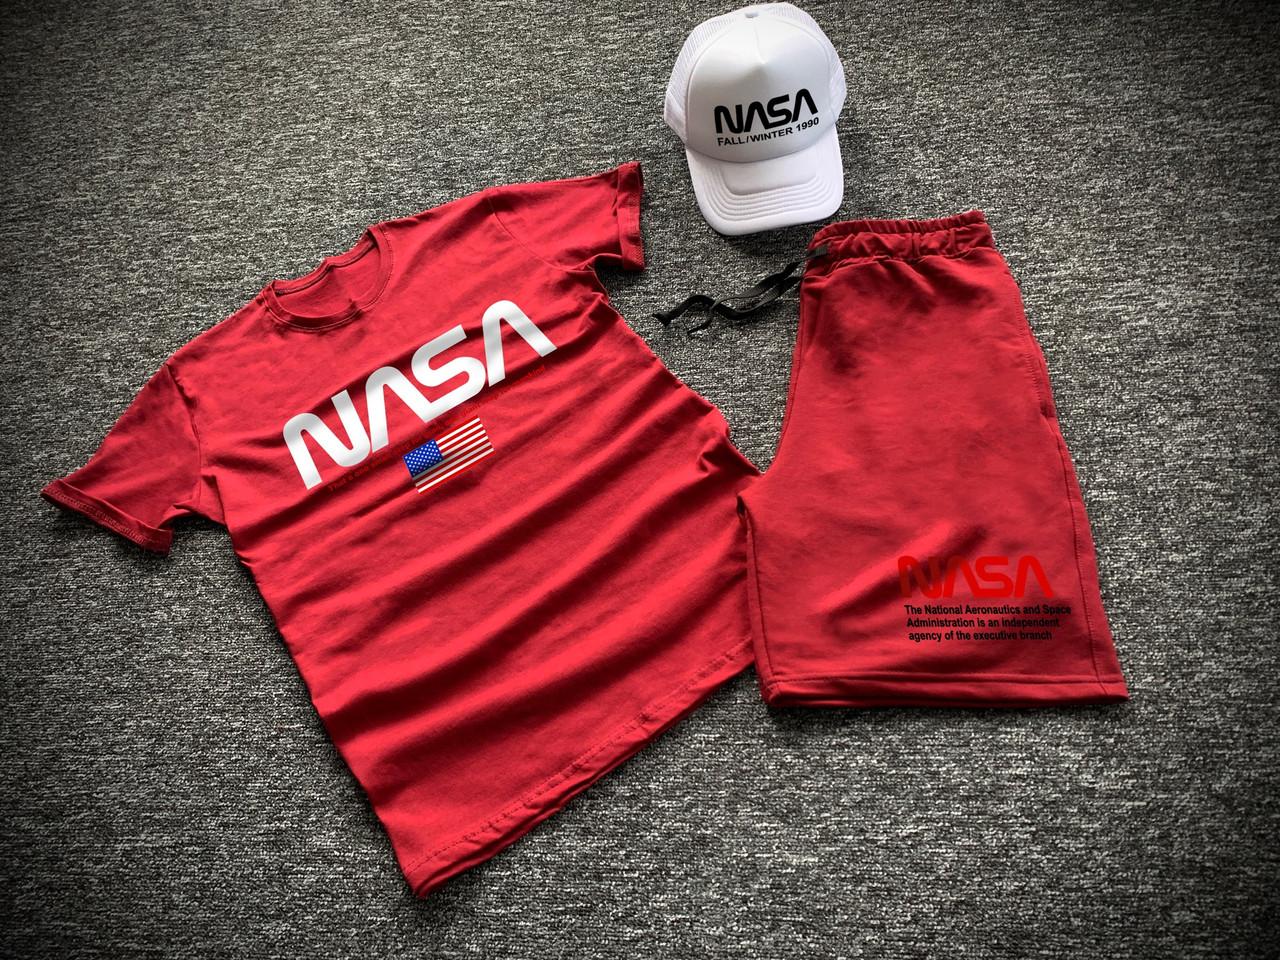 Комплект футболка шорти + бейсболка Nasa чоловічий червоний | Літній набір ЛЮКС якості